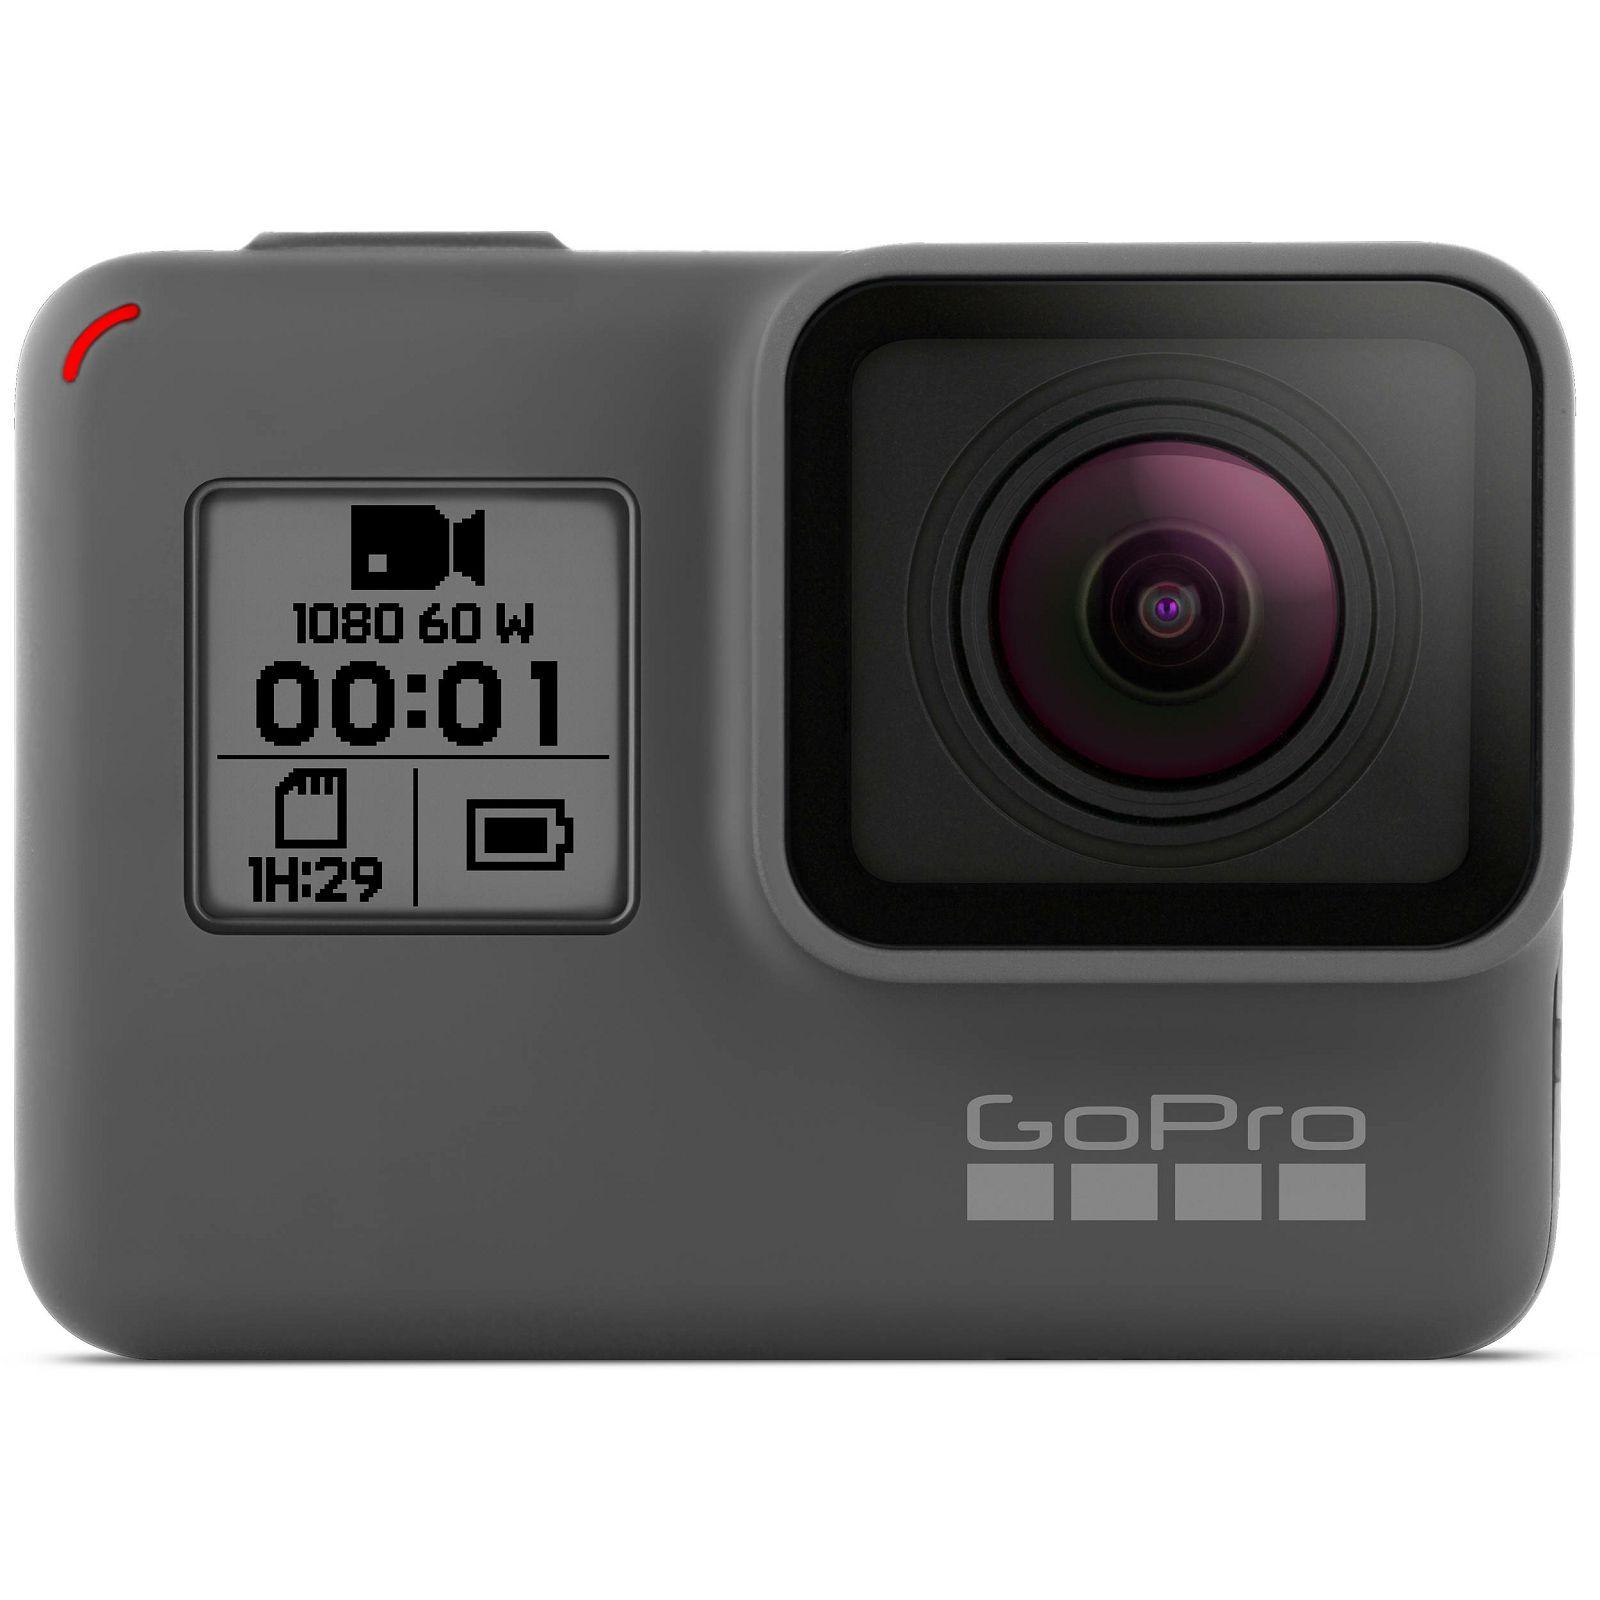 GoPro HERO sportska akcijska kamera (CHDHB-501-RW) on